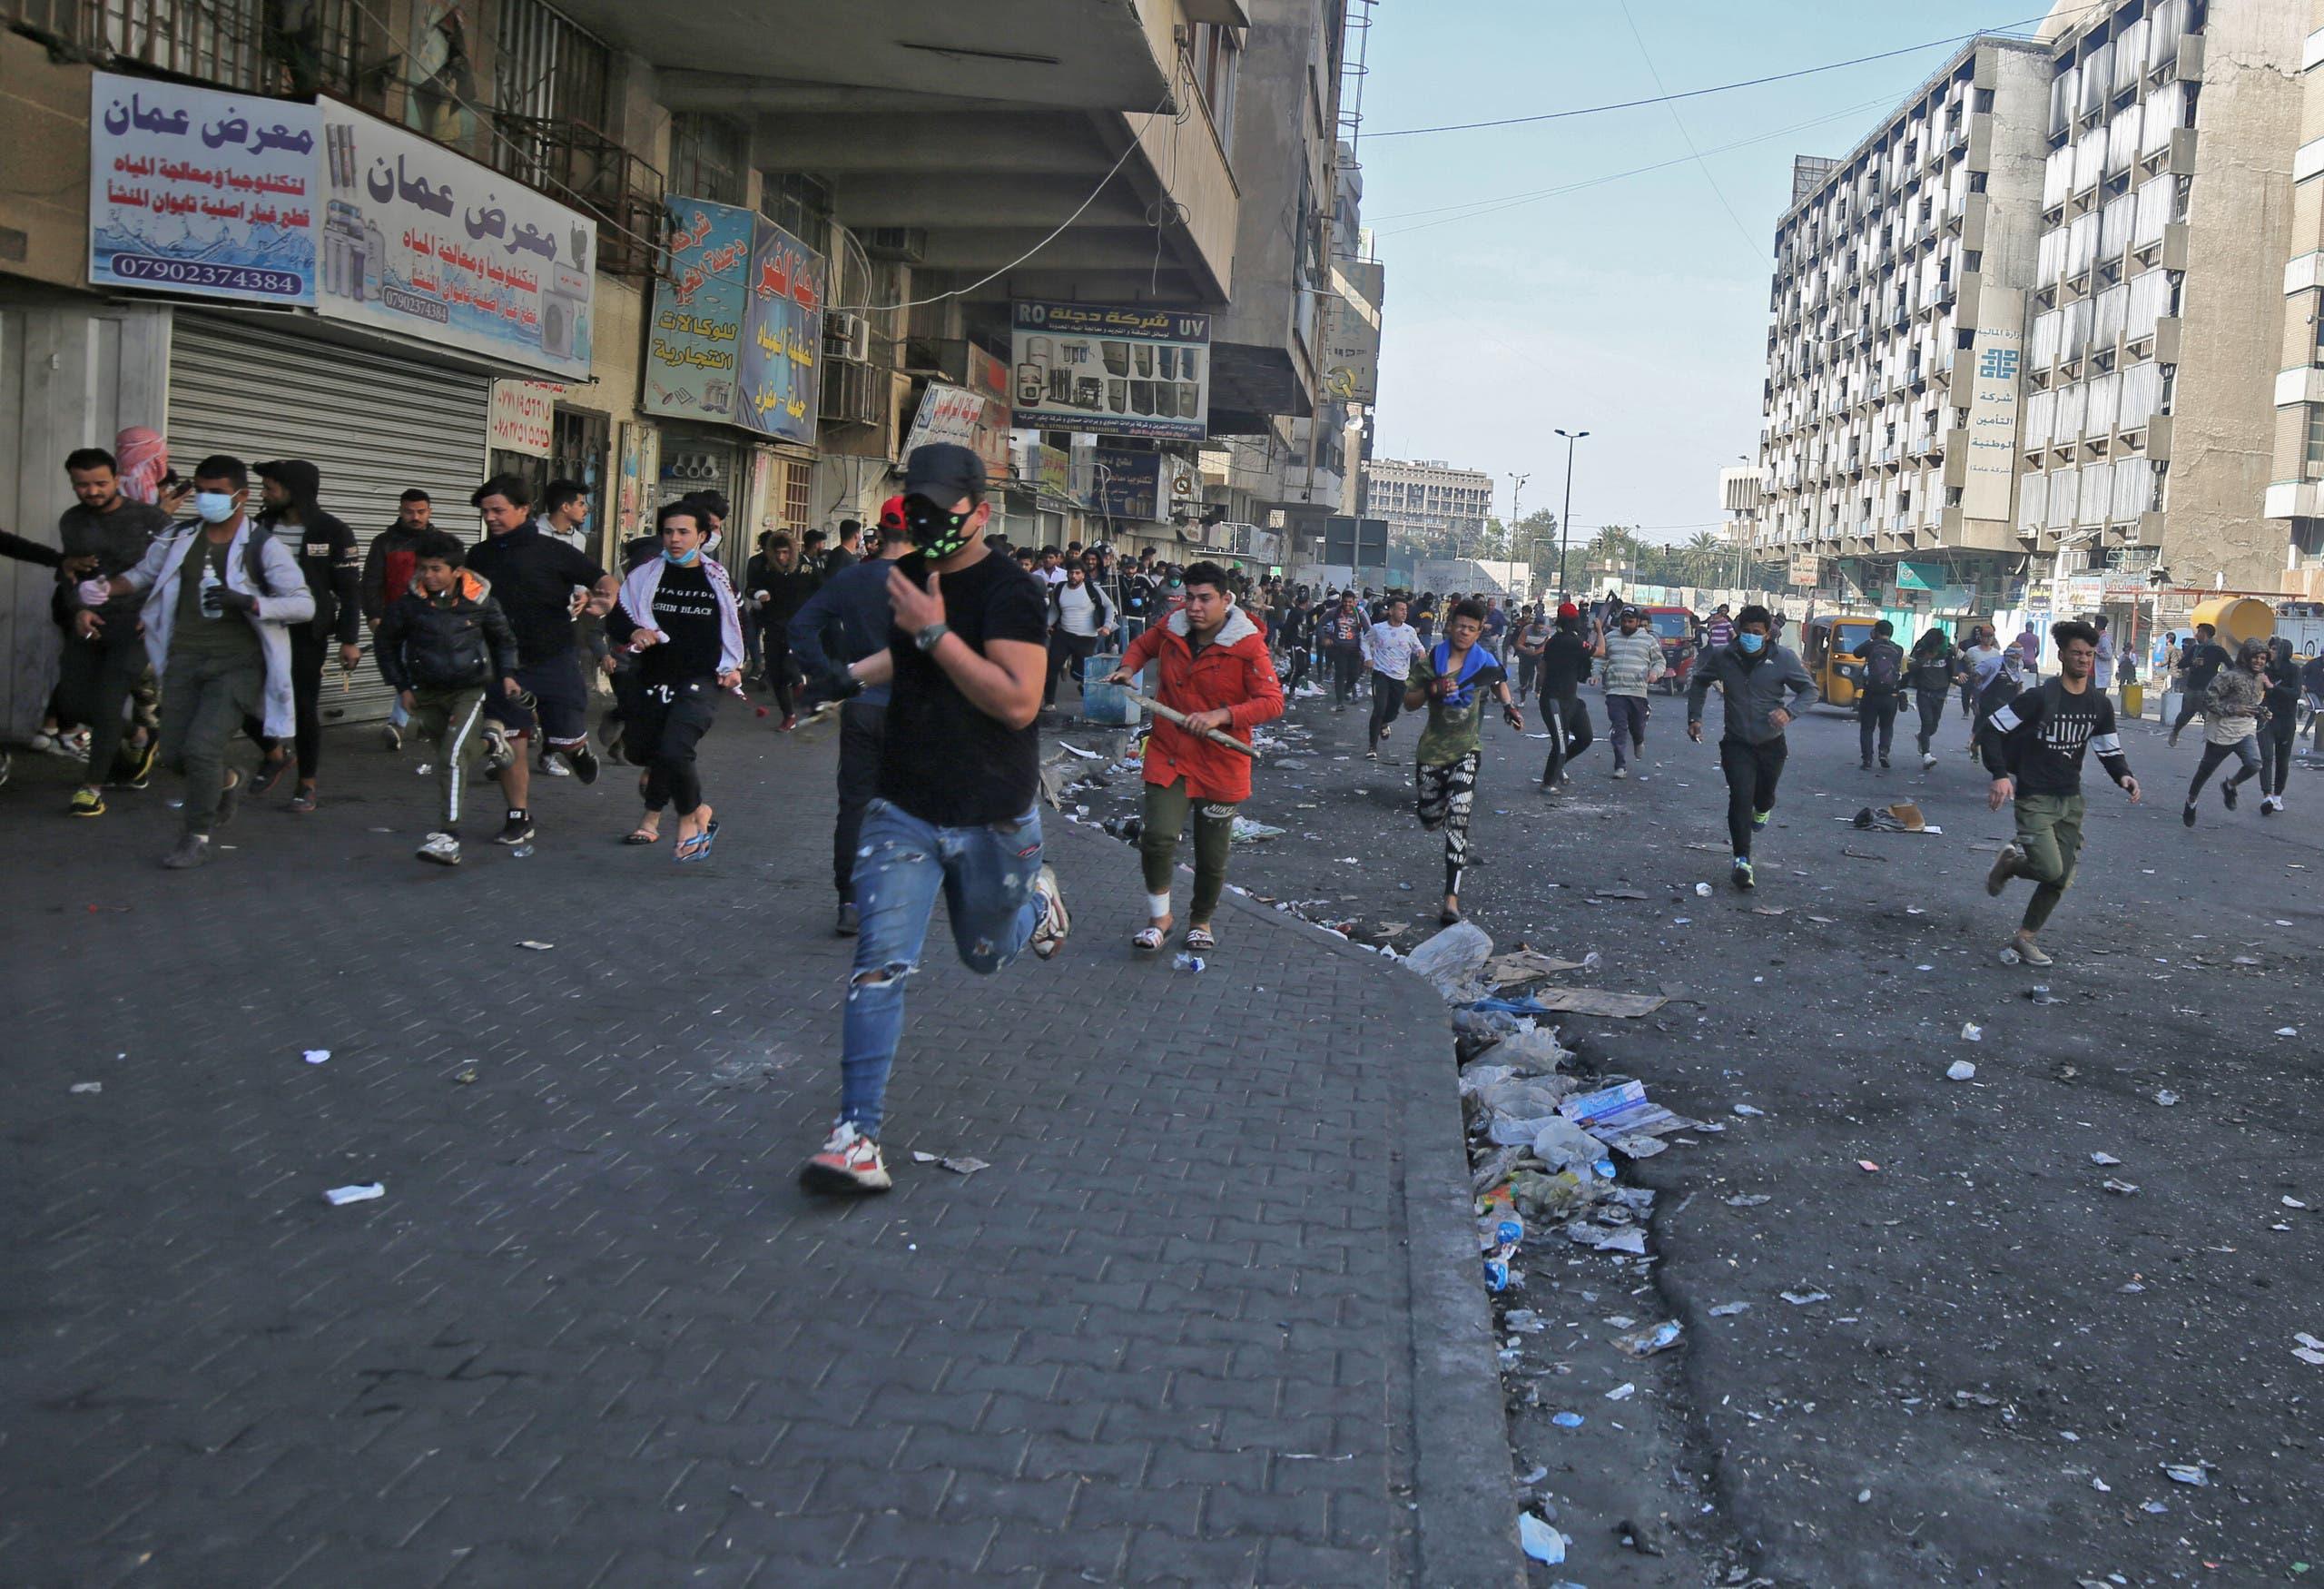 من ساحة الخلاني في بغداد يوم 21 فبراير